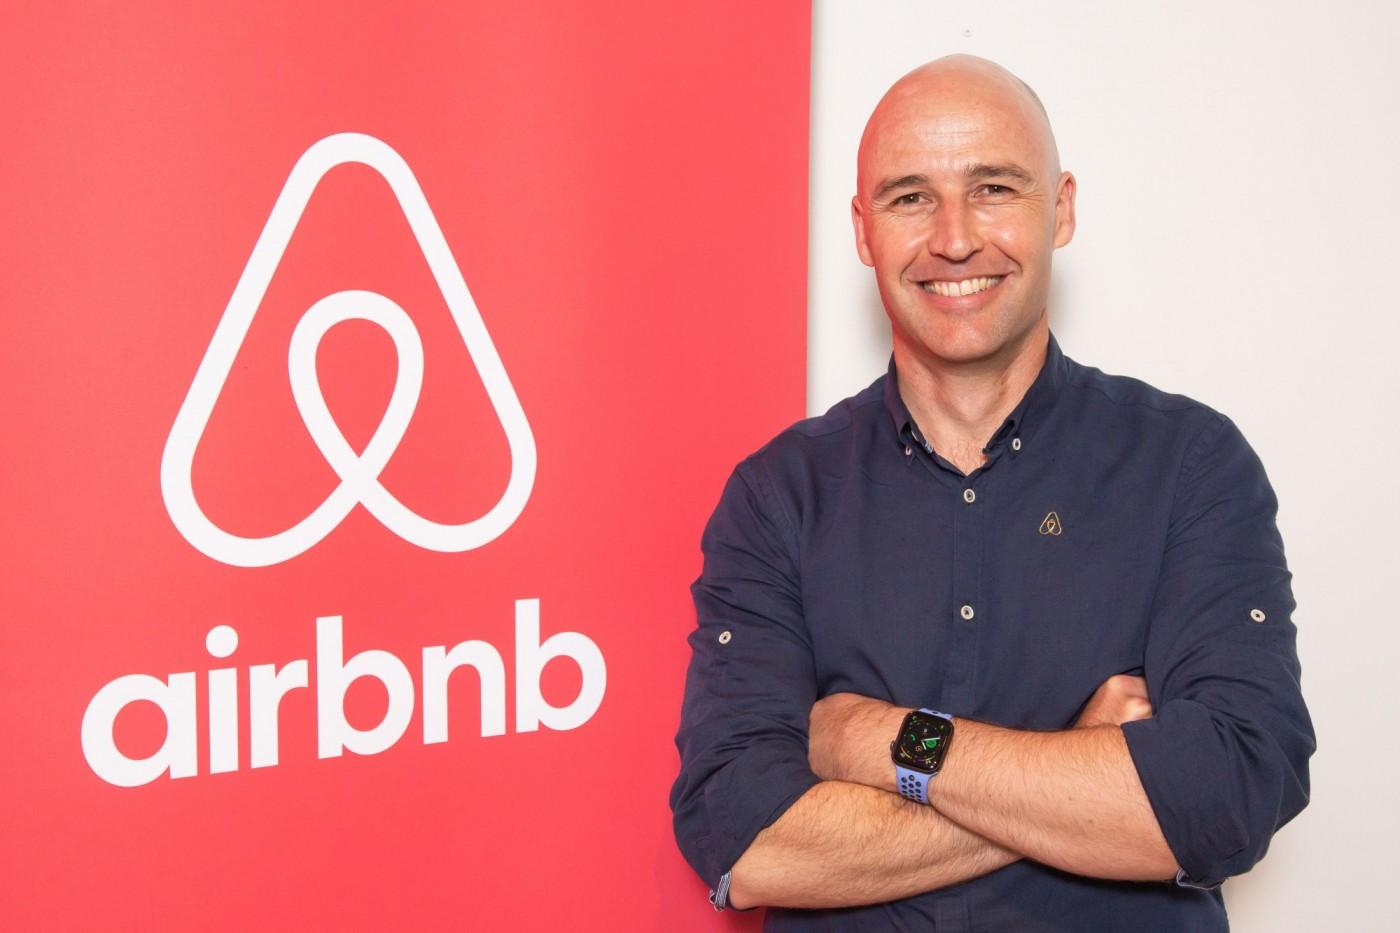 首度向政府喊話!Airbnb提多元旅宿政策5建議,住家共享應分類納管